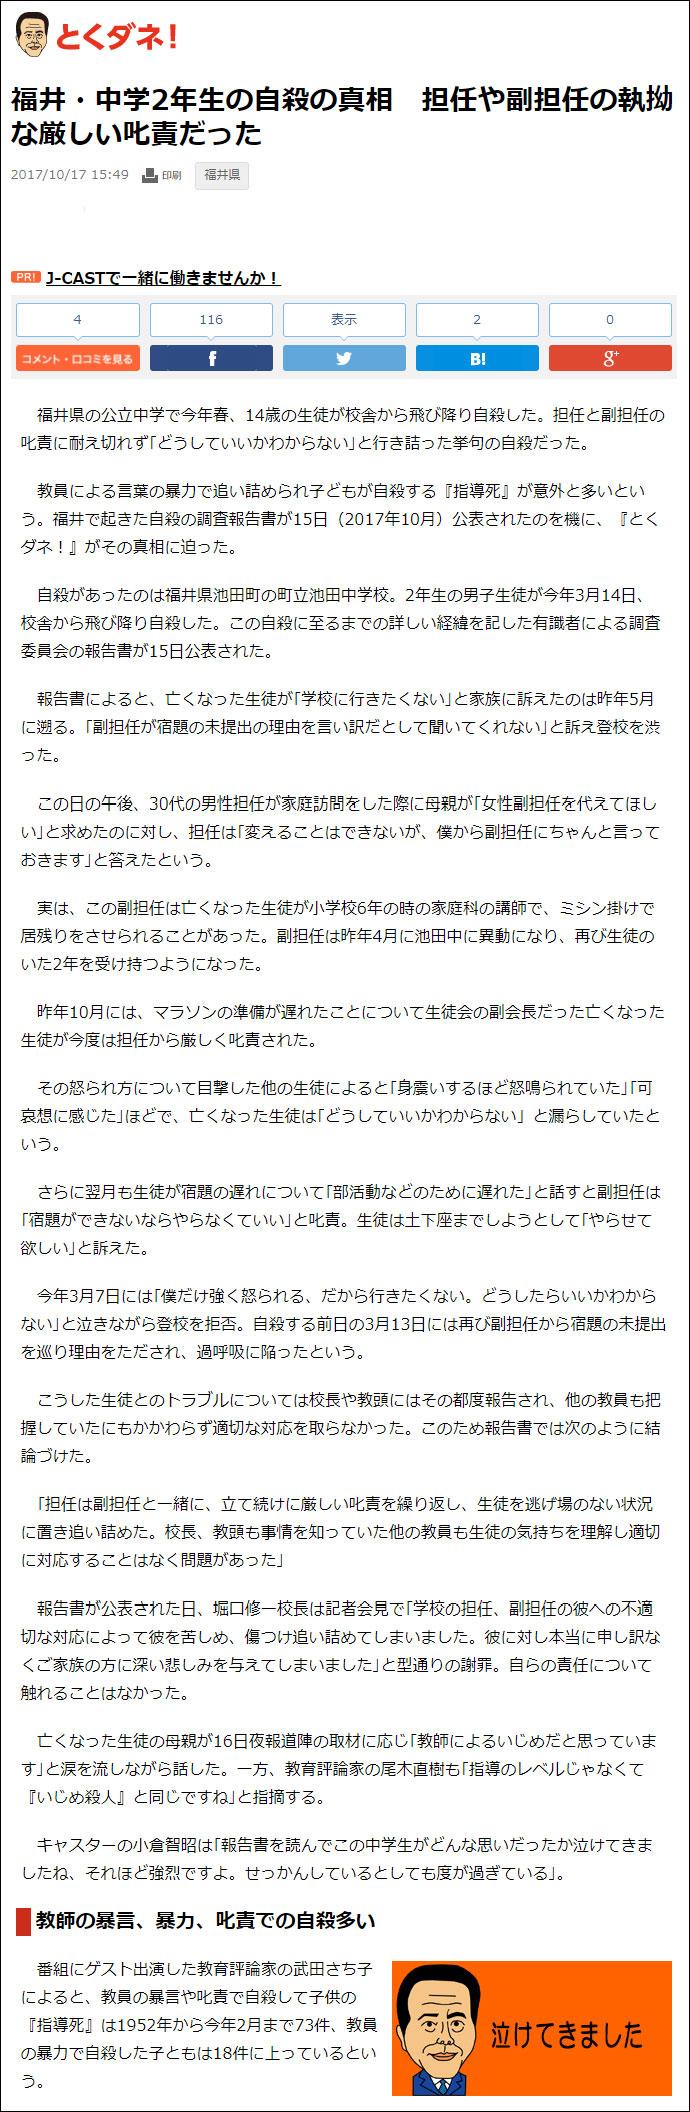 武田さち子:2017年10月17日 フジテレビ「とくダネ!」出演